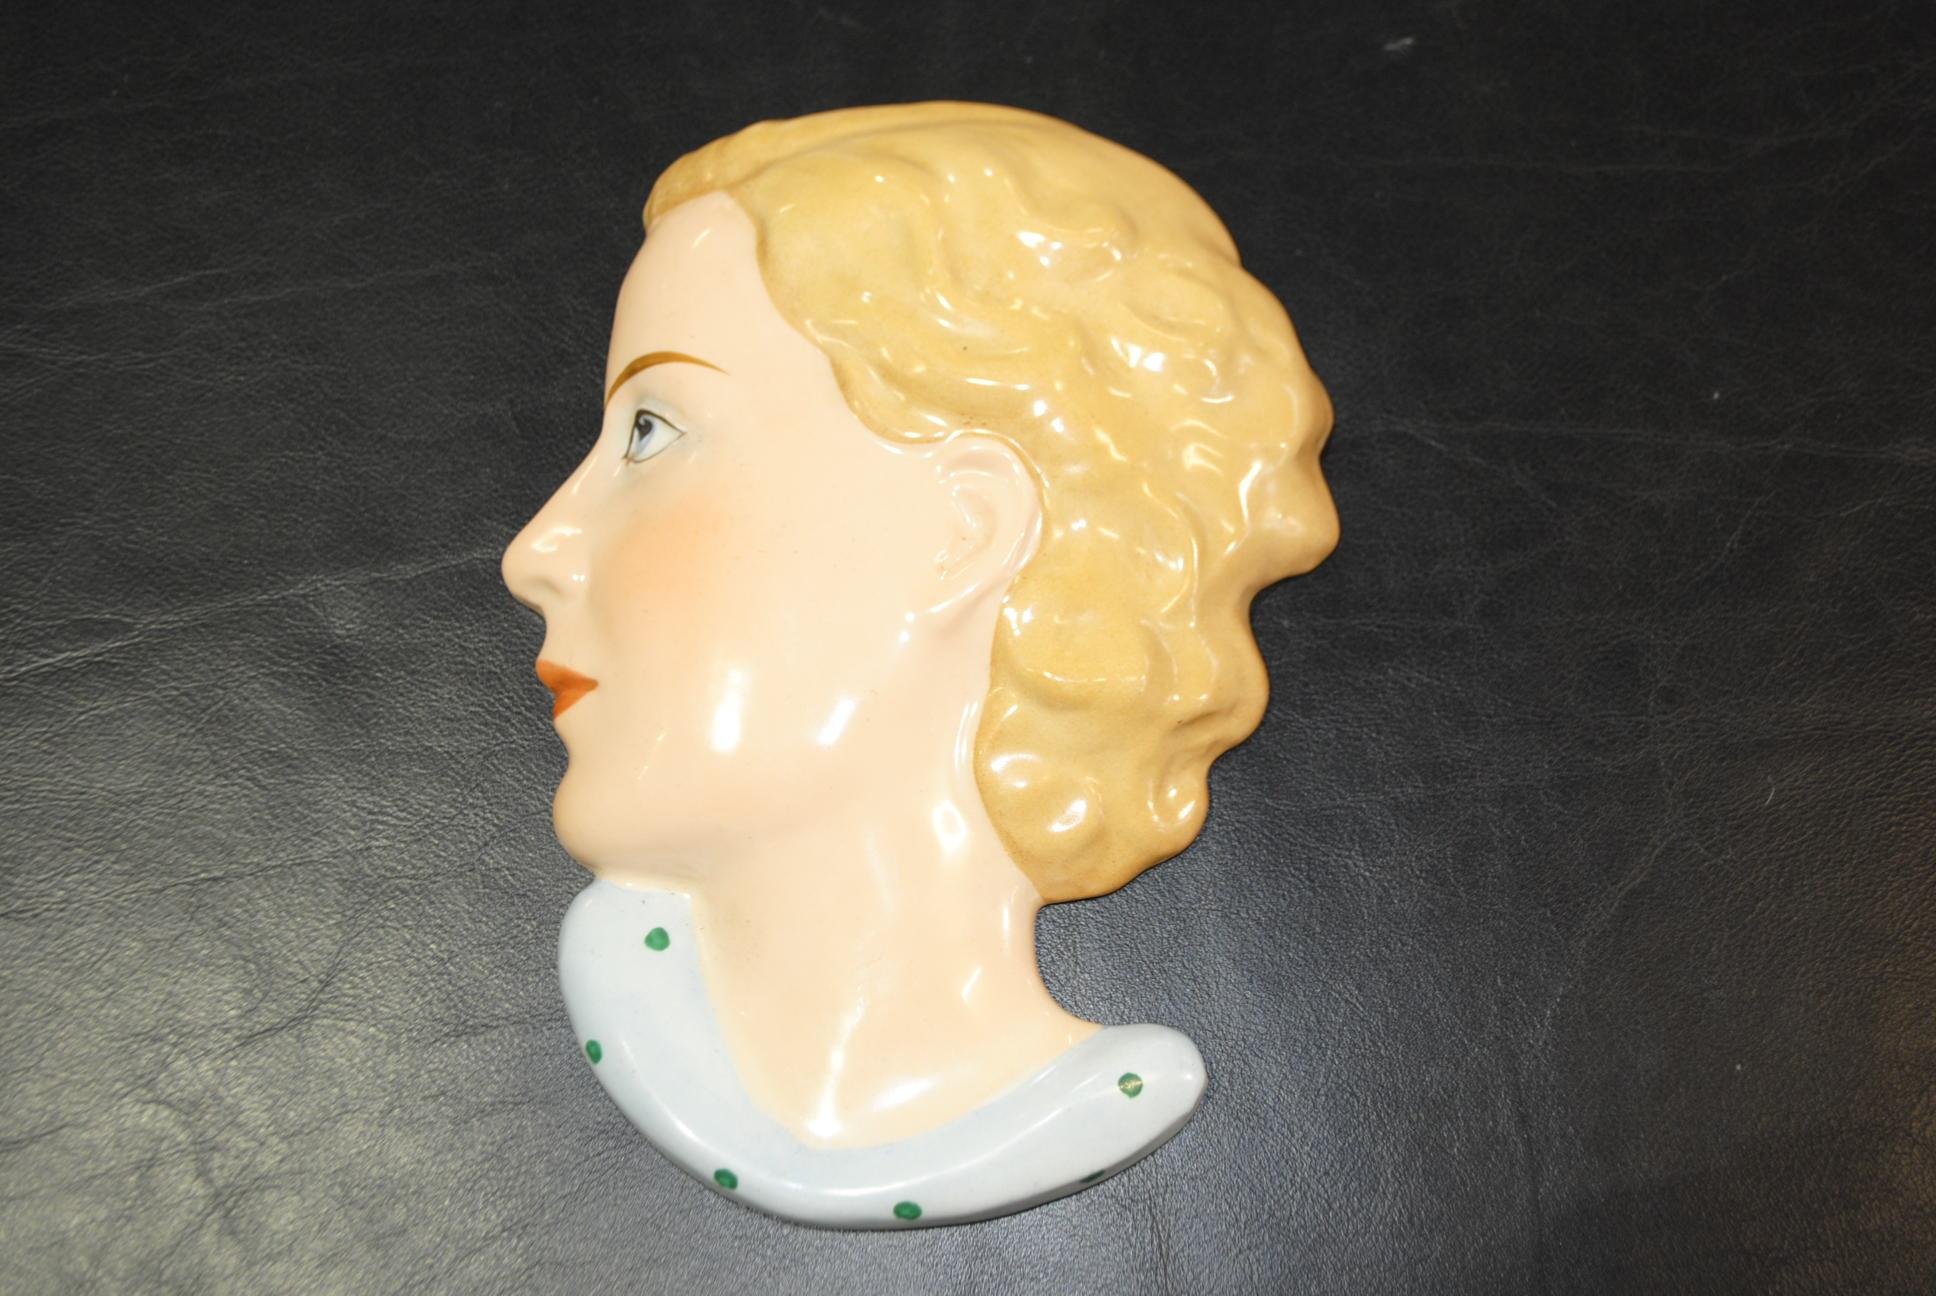 Art Deco Royal Dux Wall Mask || Cloud 9, Art Deco Furniture Sales